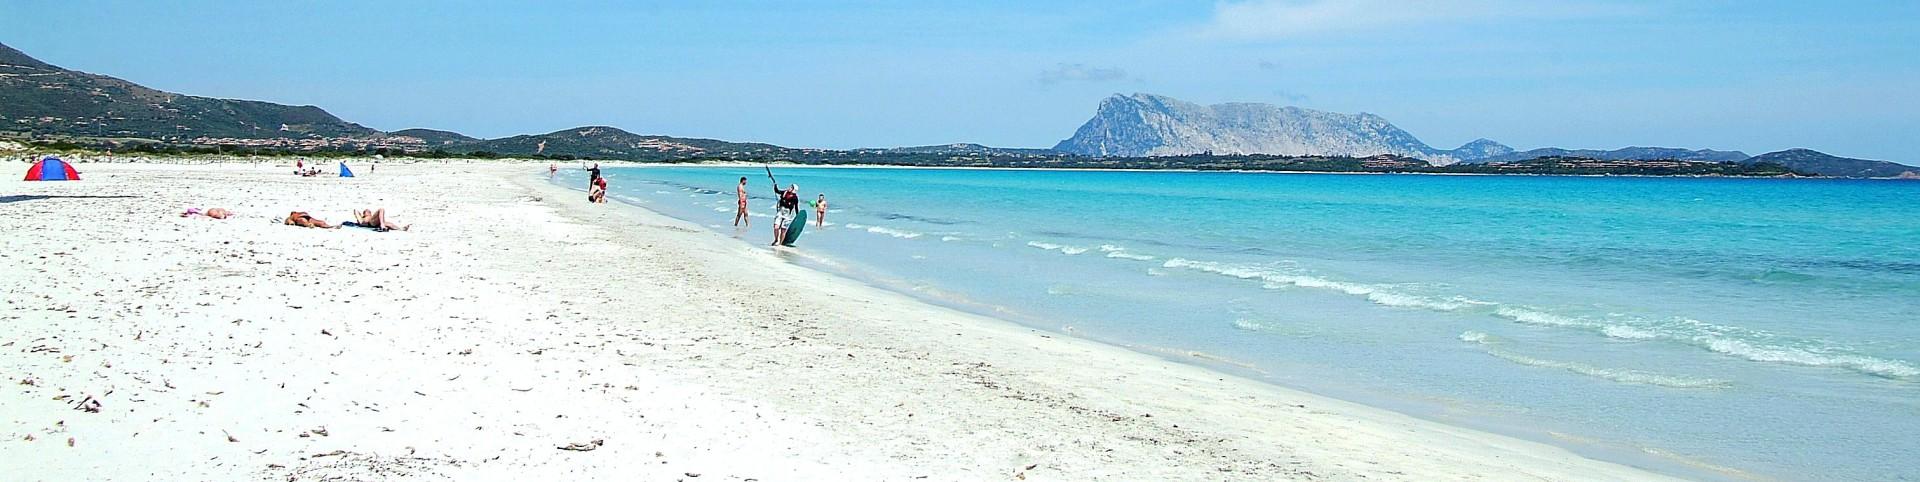 San Teodoro, pláž La Cinta, východní pobřeží